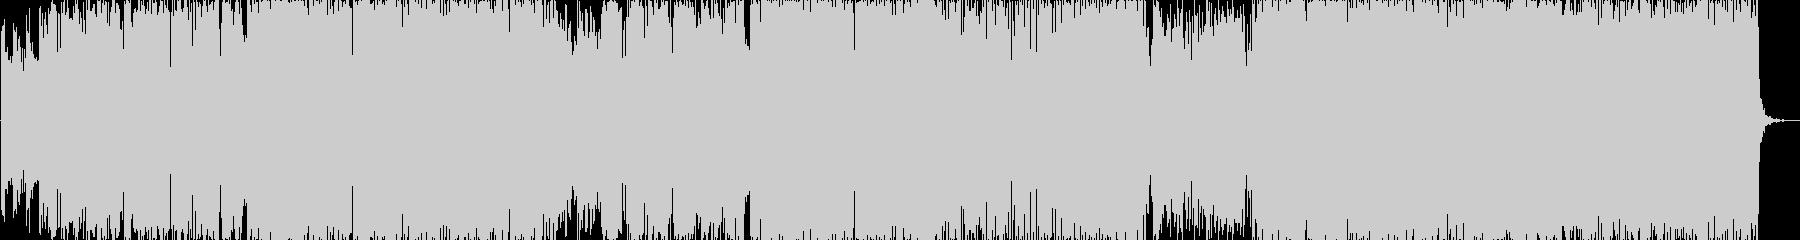 デジタルサウンドとアコギが軸のポップスの未再生の波形